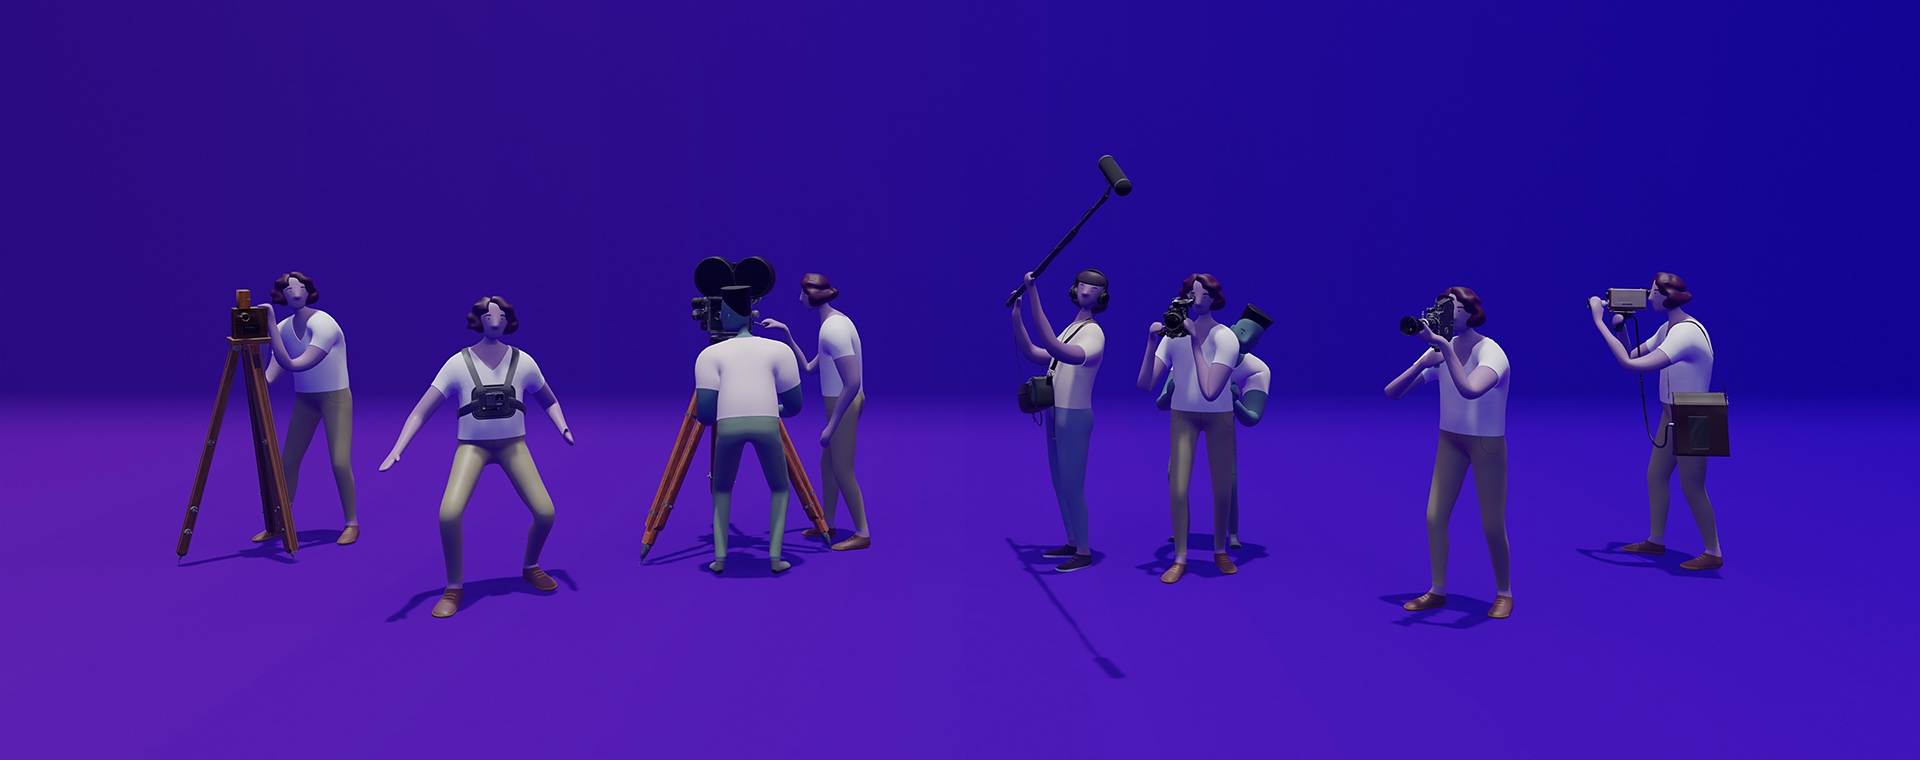 Modélisation 3D de six caméras accompagnées de six opérateurs et de trois assistants. Ils prennent la pose, prêts à tourner un film.